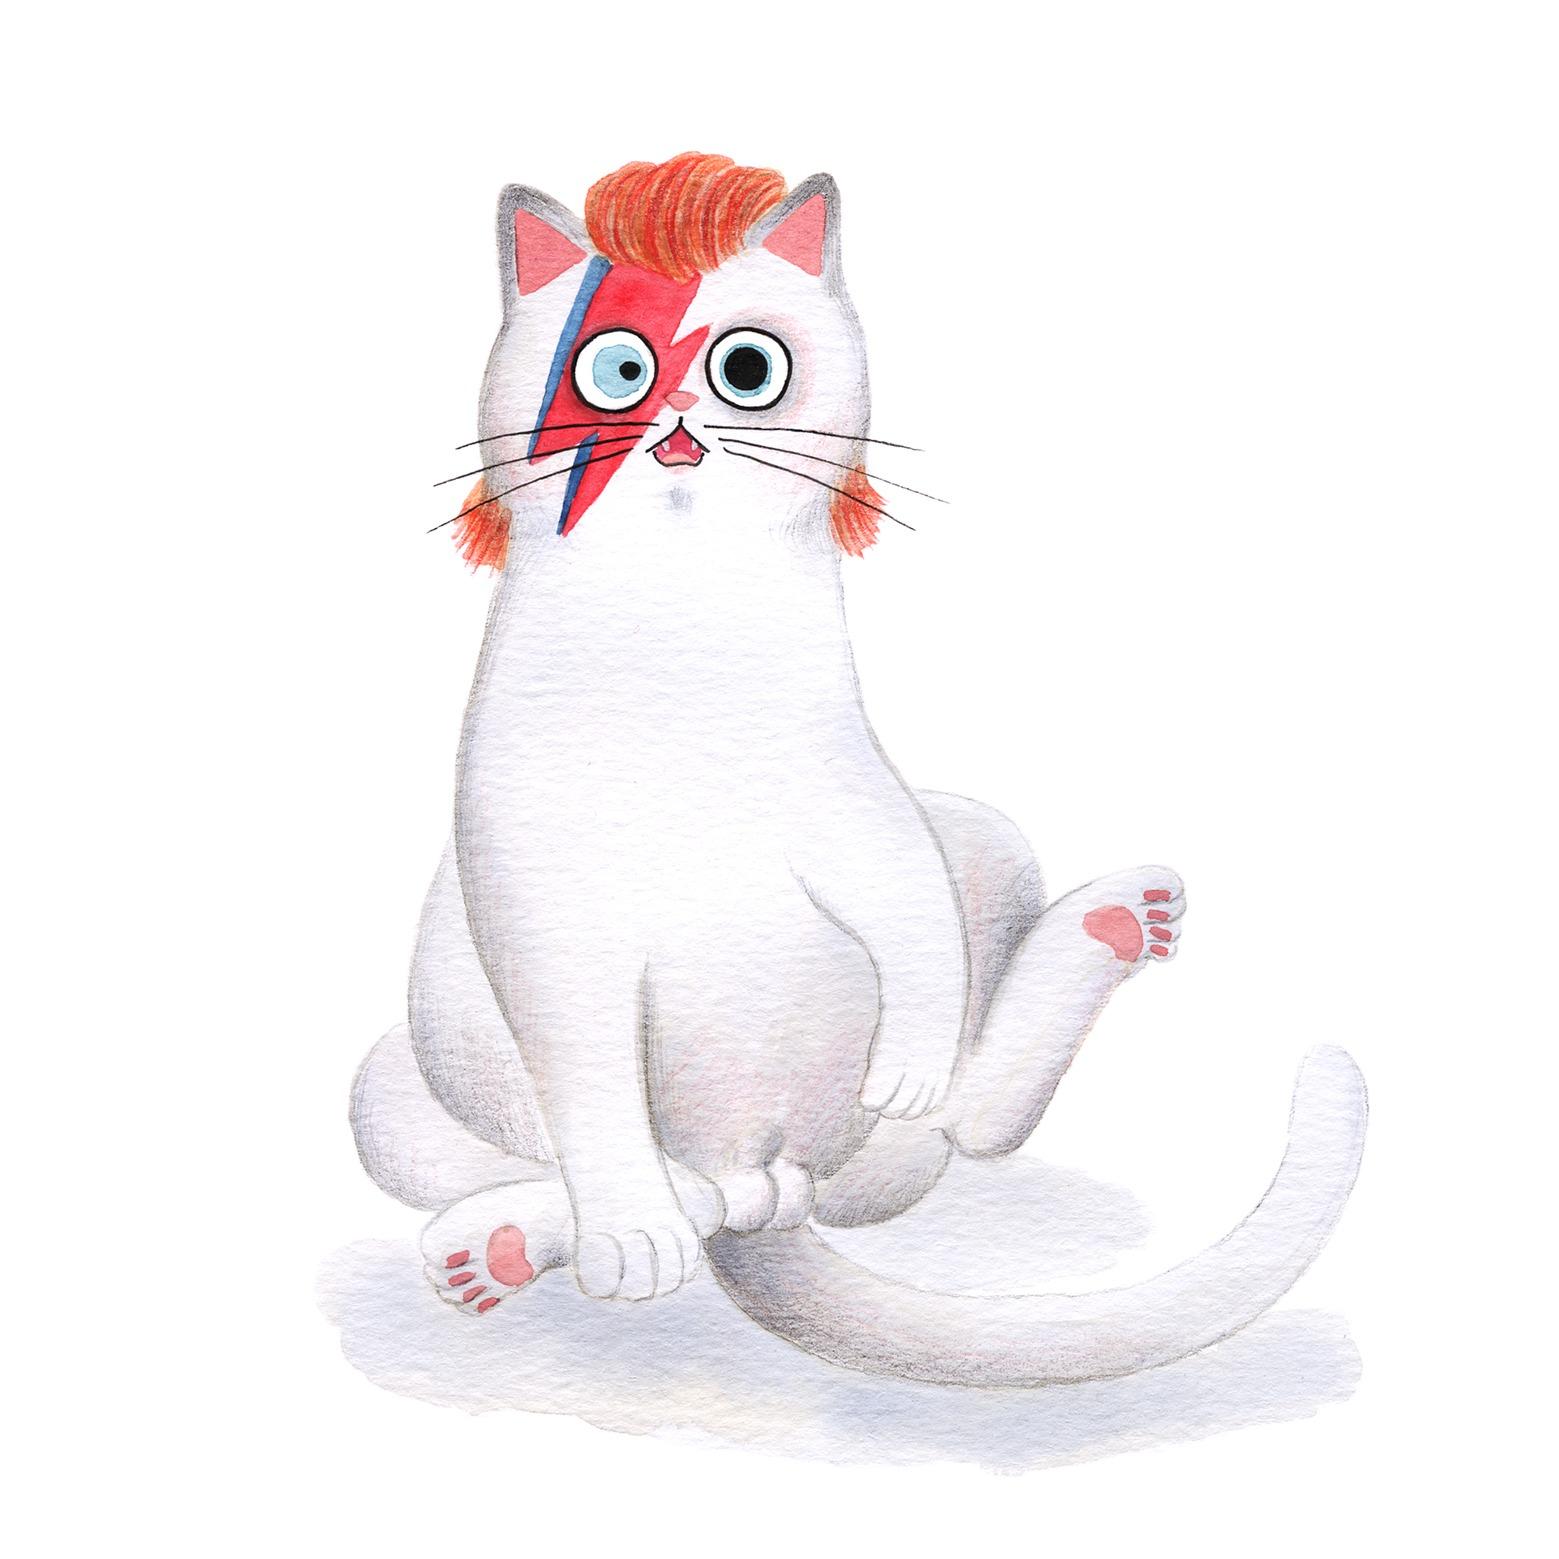 Ilustración de gato, Inktober, David Bowie, retrato de gato